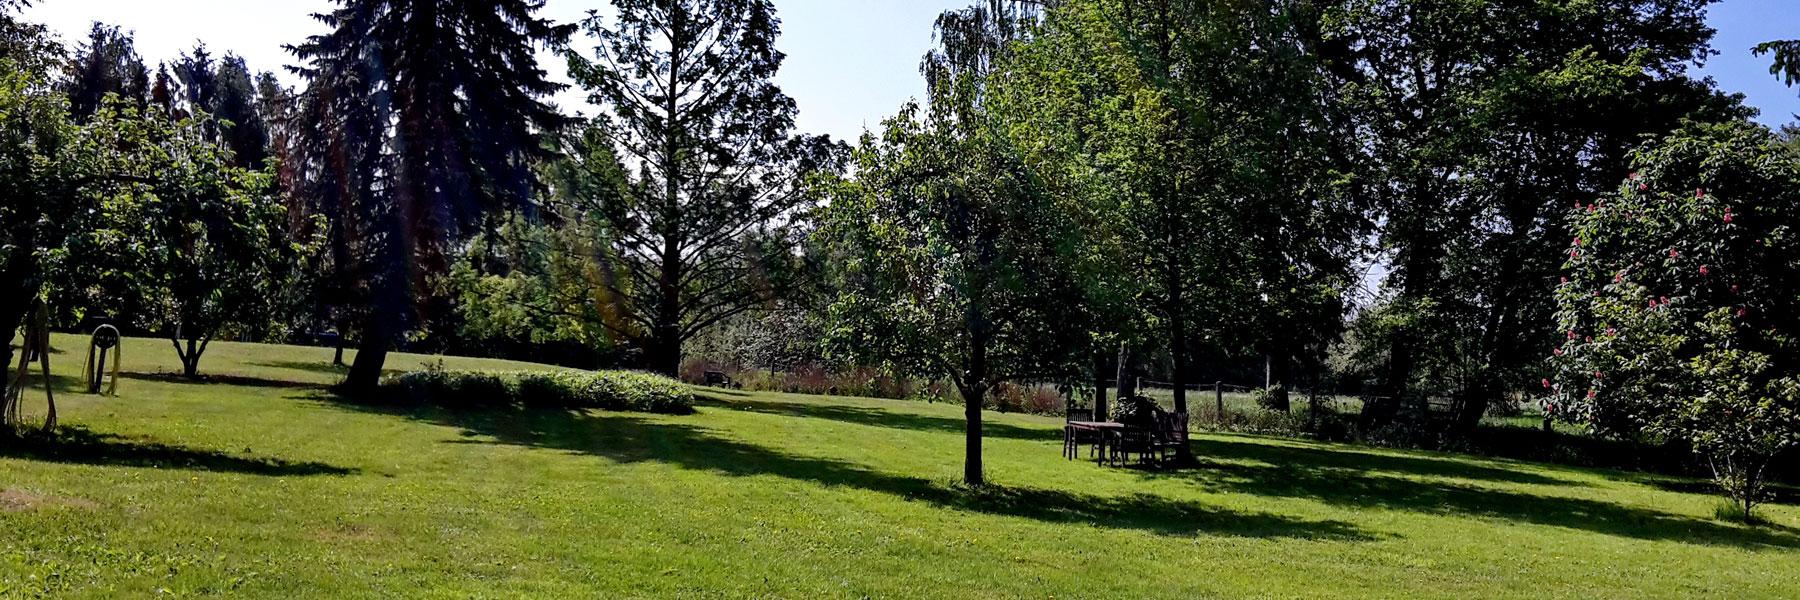 Park - Ferien- und Bauernhof Diederichs